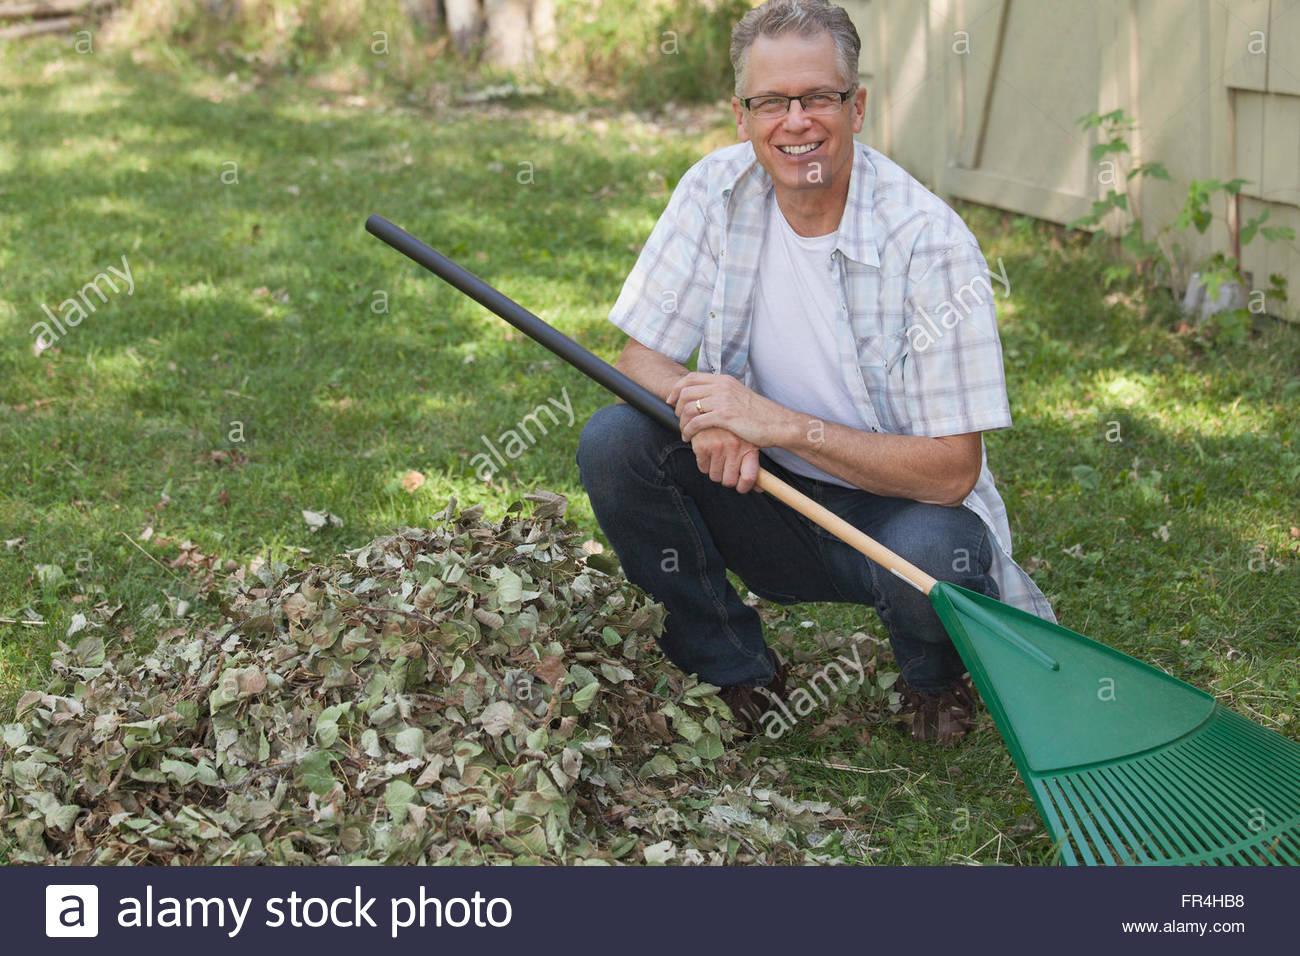 Picks Leaves Lawn Mower